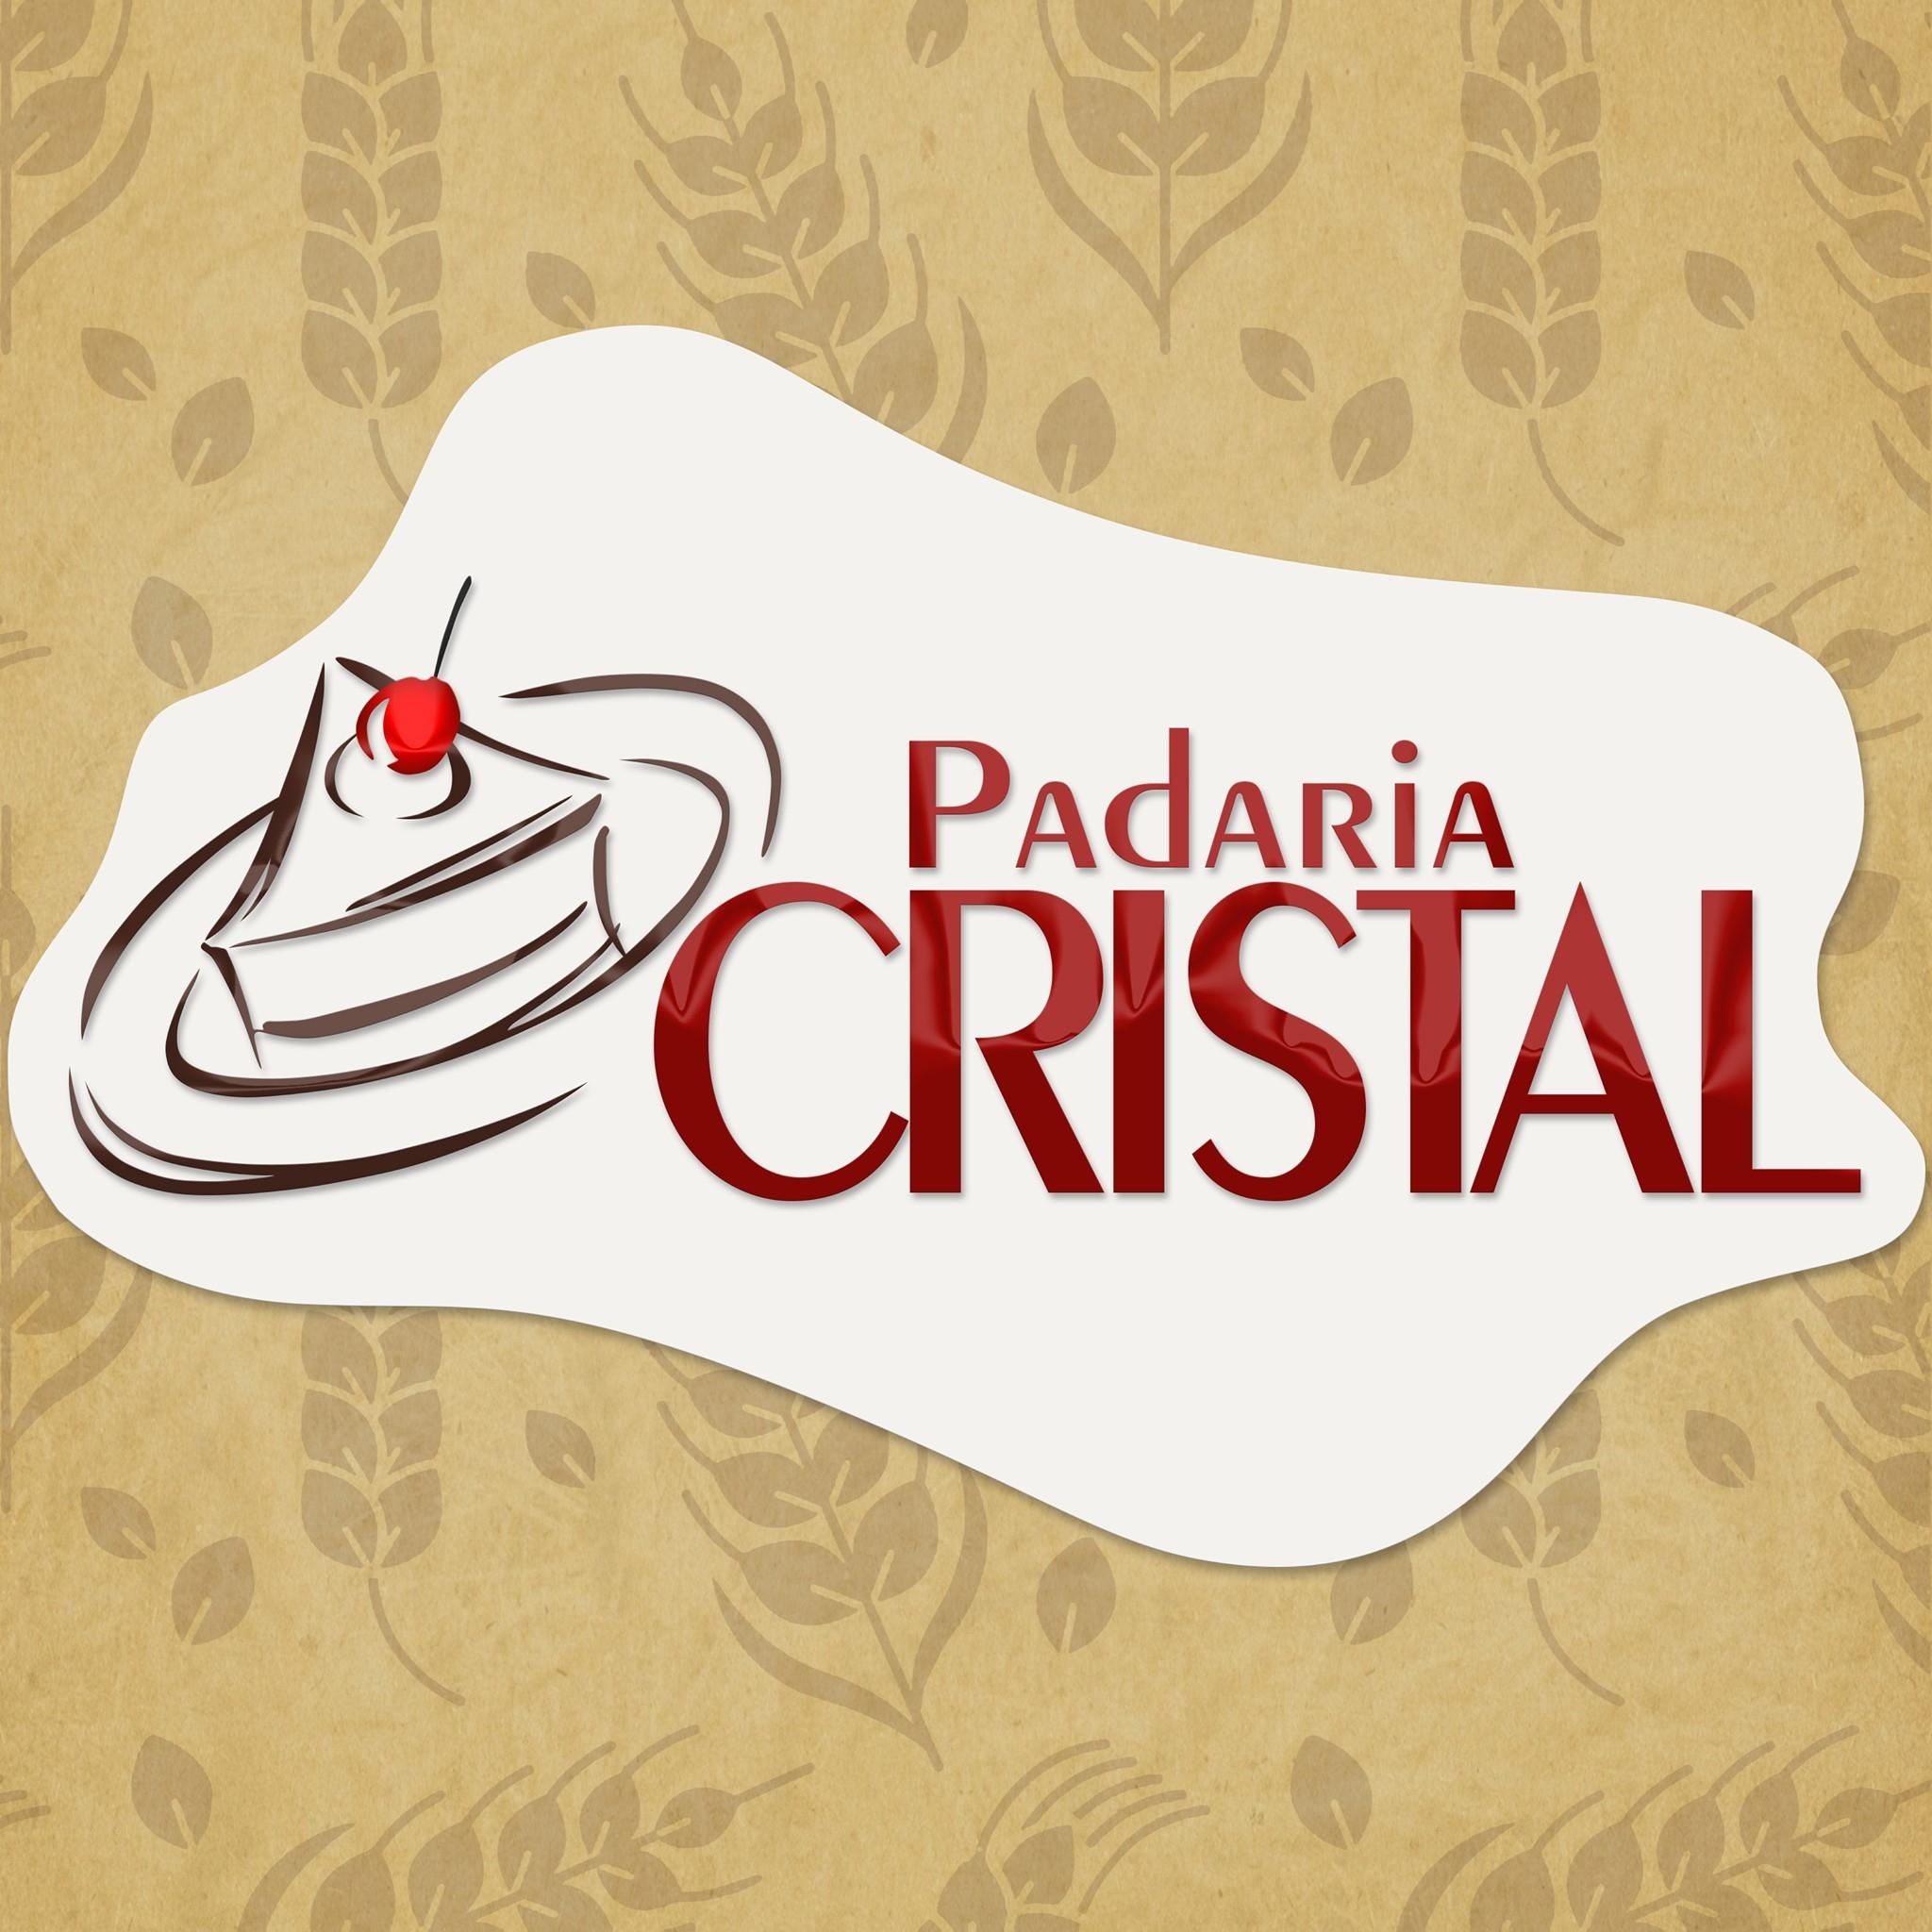 Padaria Cristal